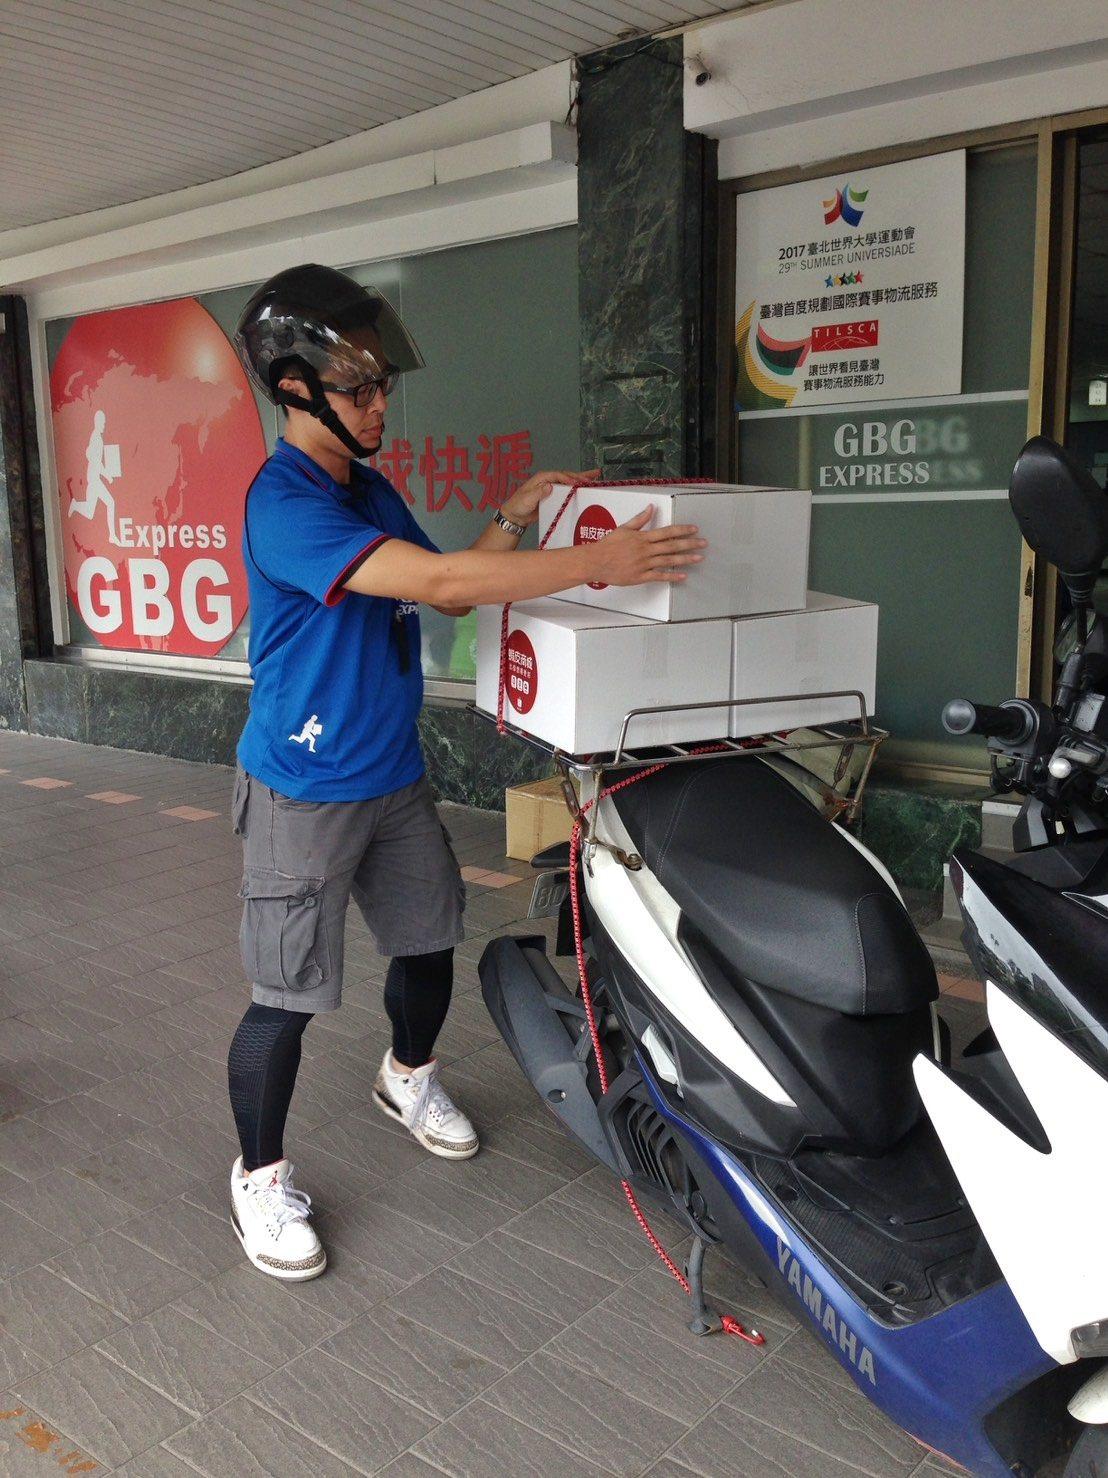 逾300輛的機車大隊是蝦皮購物達成台北市2小時送貨到府極限的功臣。照片提供/台灣...